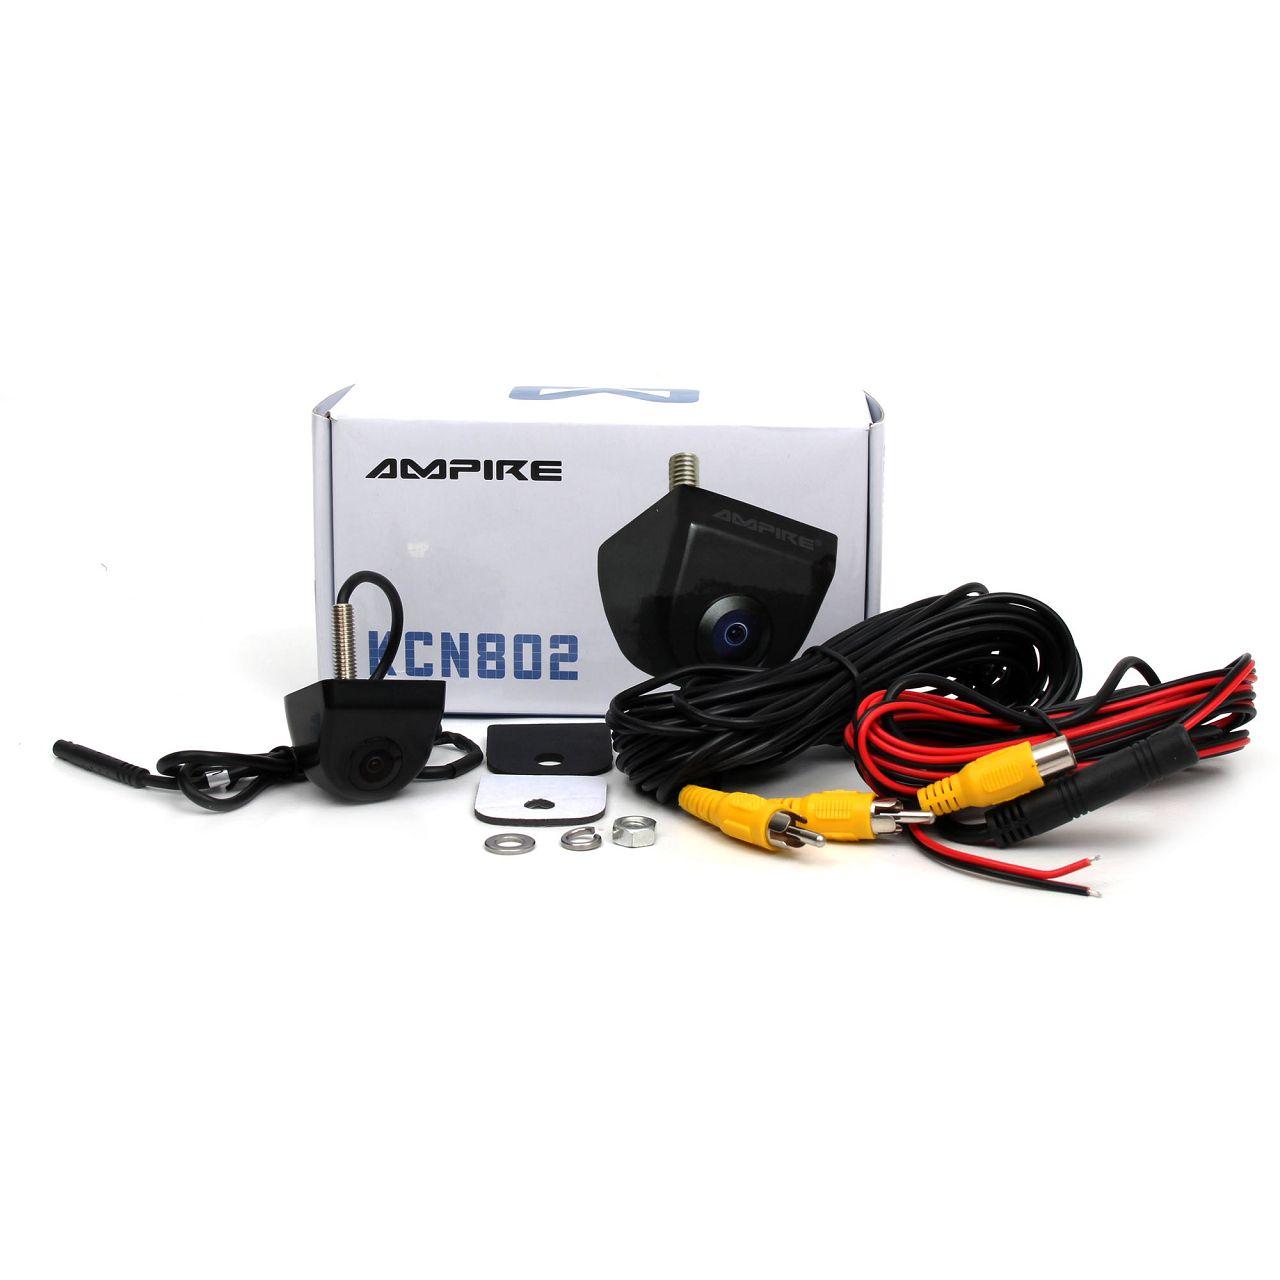 AMPIRE KCN802 Farb- Rückfahrkamera Unterbau Kamera für VW TRANSPORTER T6